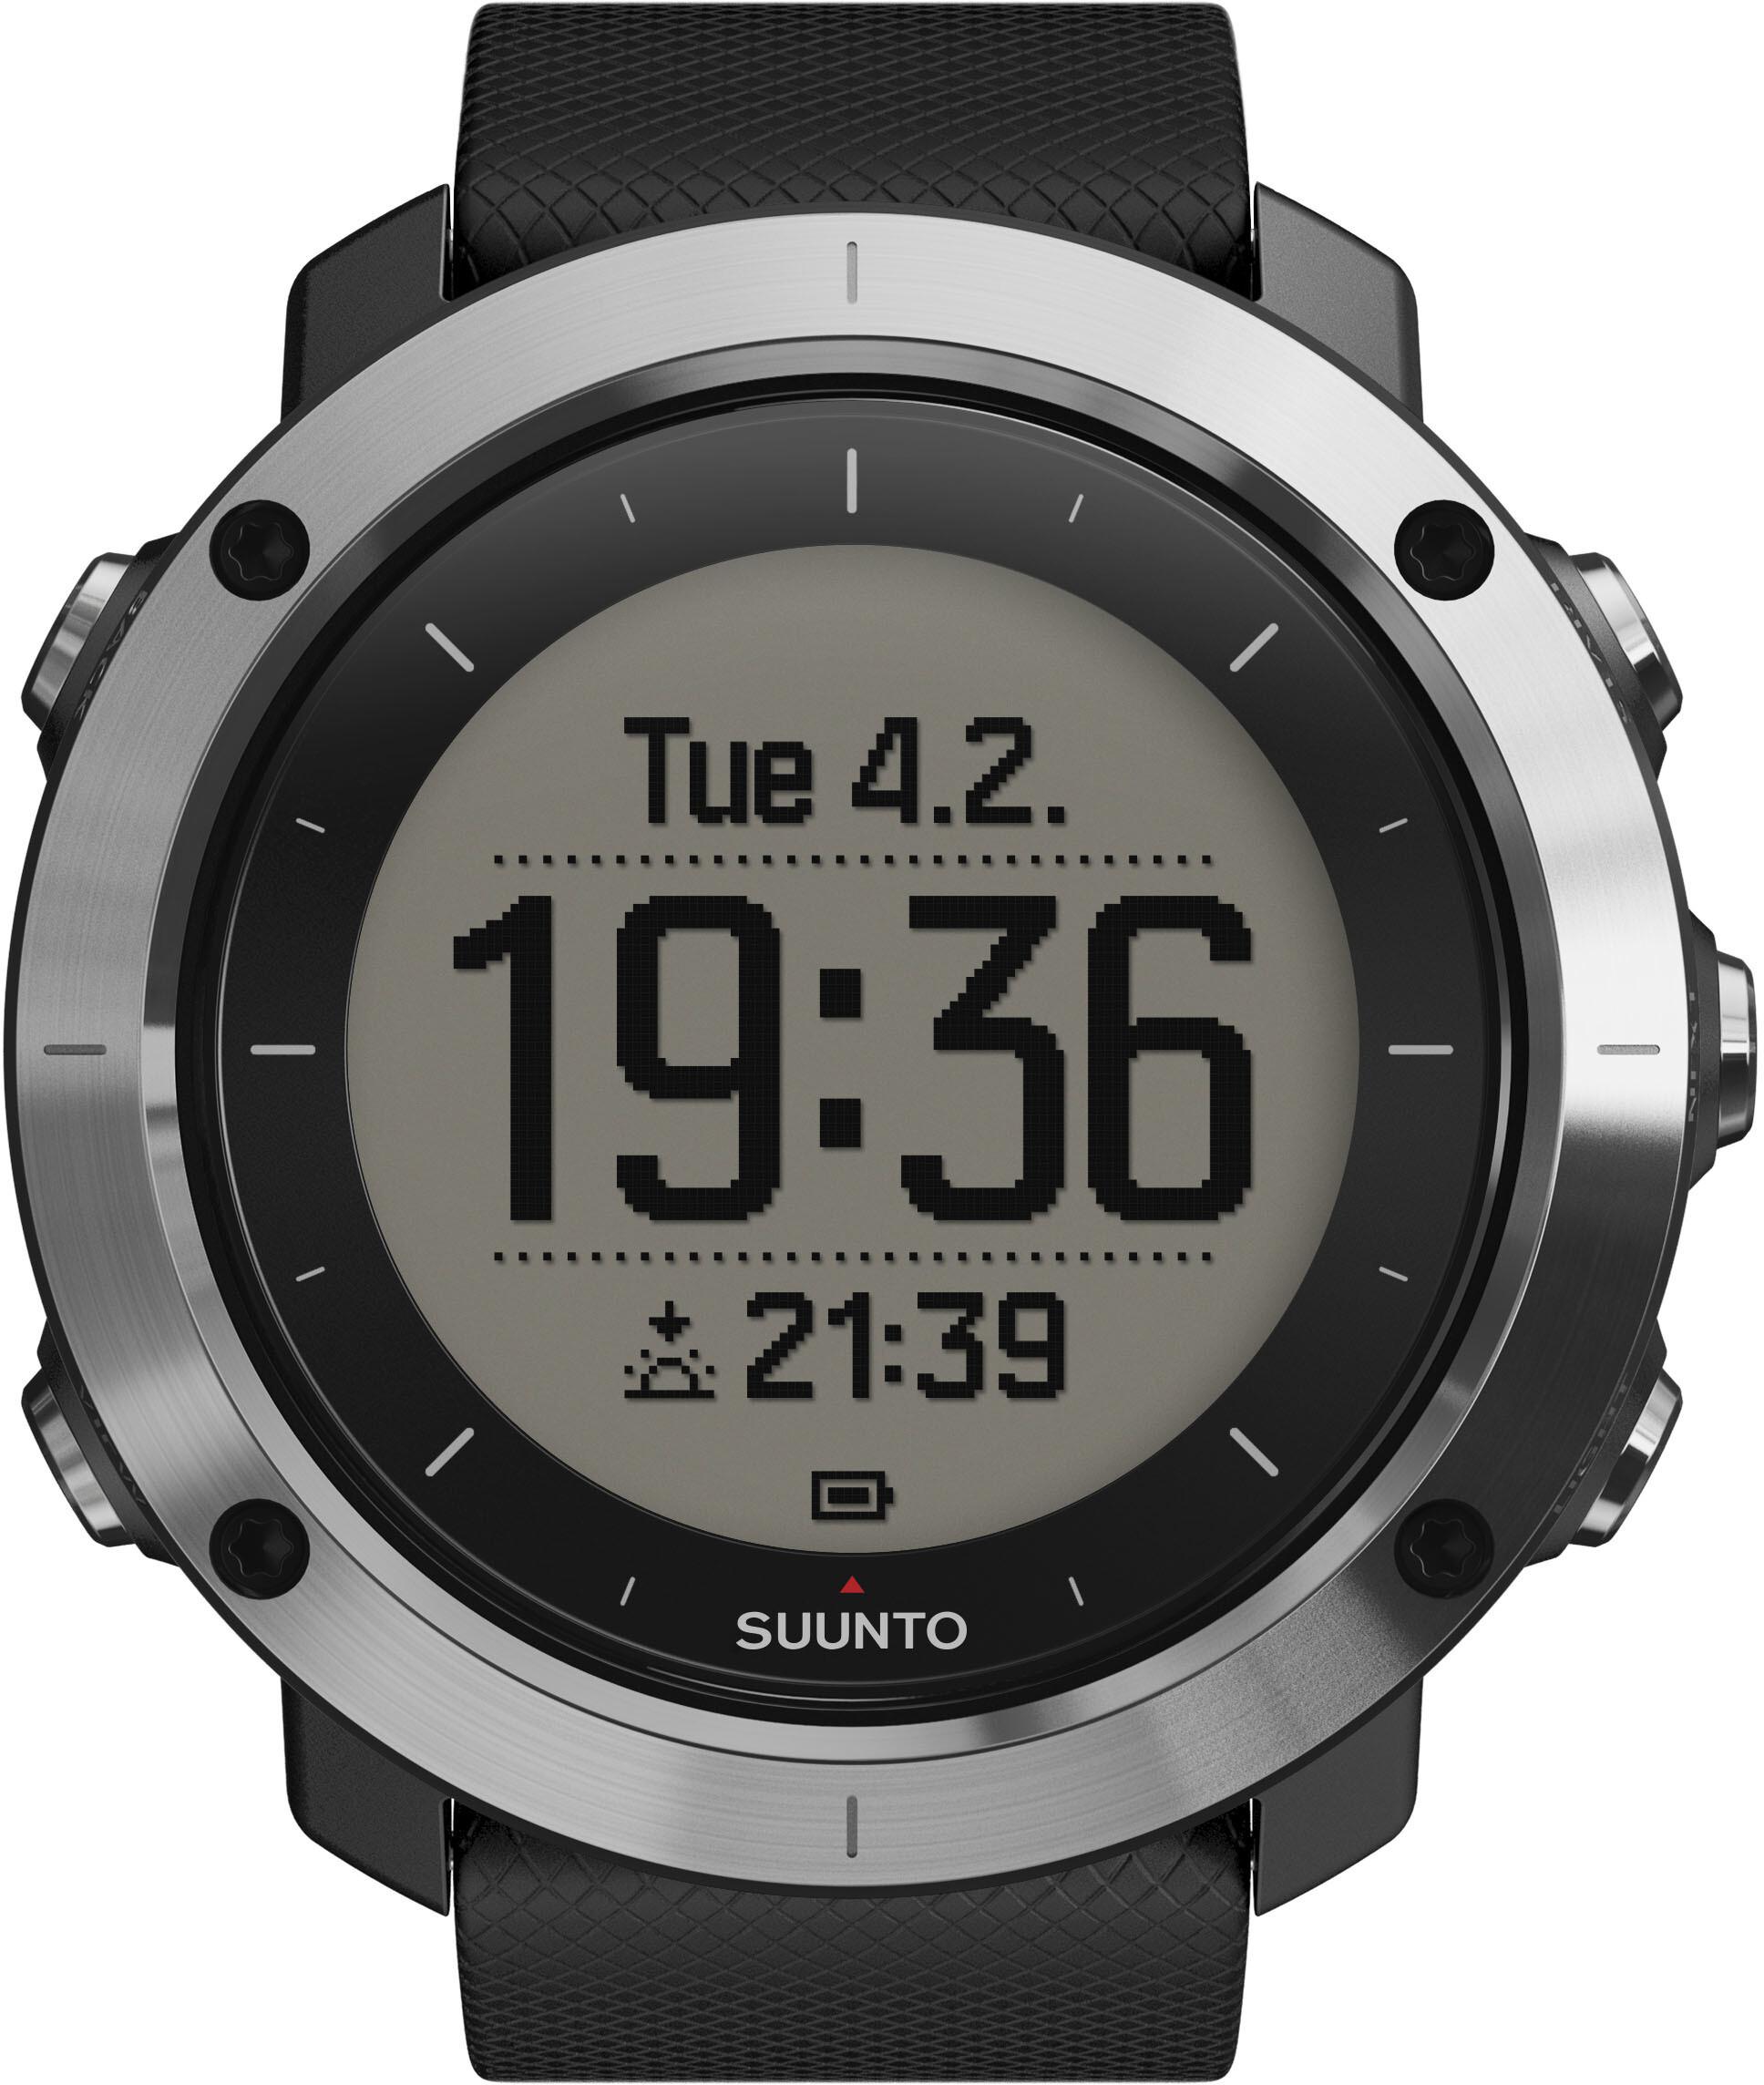 3ba6c28f5 Suunto Traverse GPS Outdoor Watch black